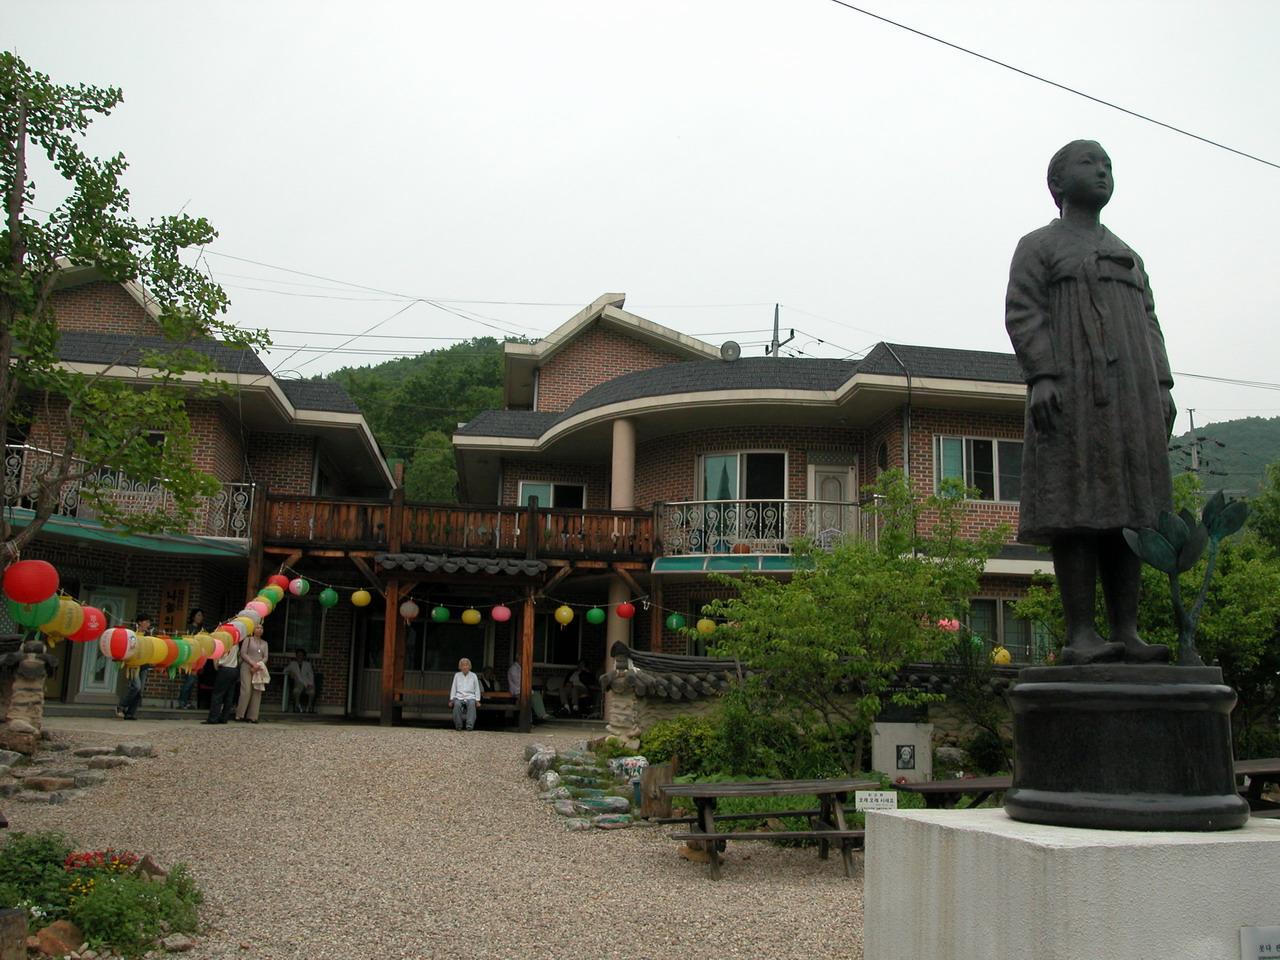 【亞太博物館連線專欄】歷史正義向博物館招手—綜觀南韓的人權相關博物館